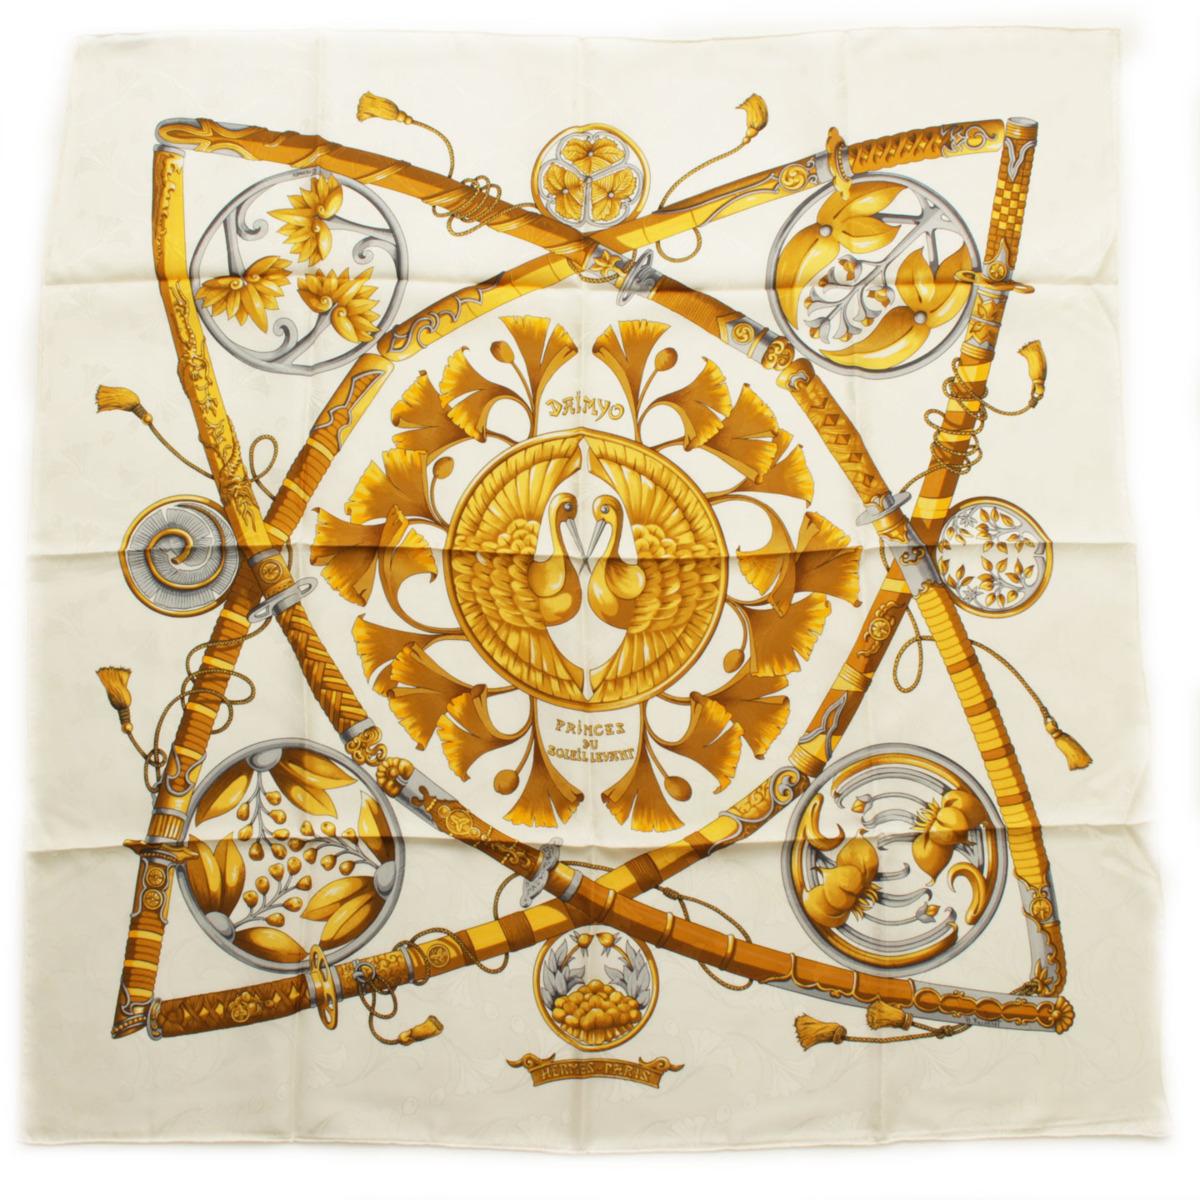 【エルメス】Hermes カレ90 シルクスカーフ DAIMYO PRINCES DU SOLEIL LEVANT 大名 日出る国の皇子 【中古】【鑑定済・正規品保証】38630